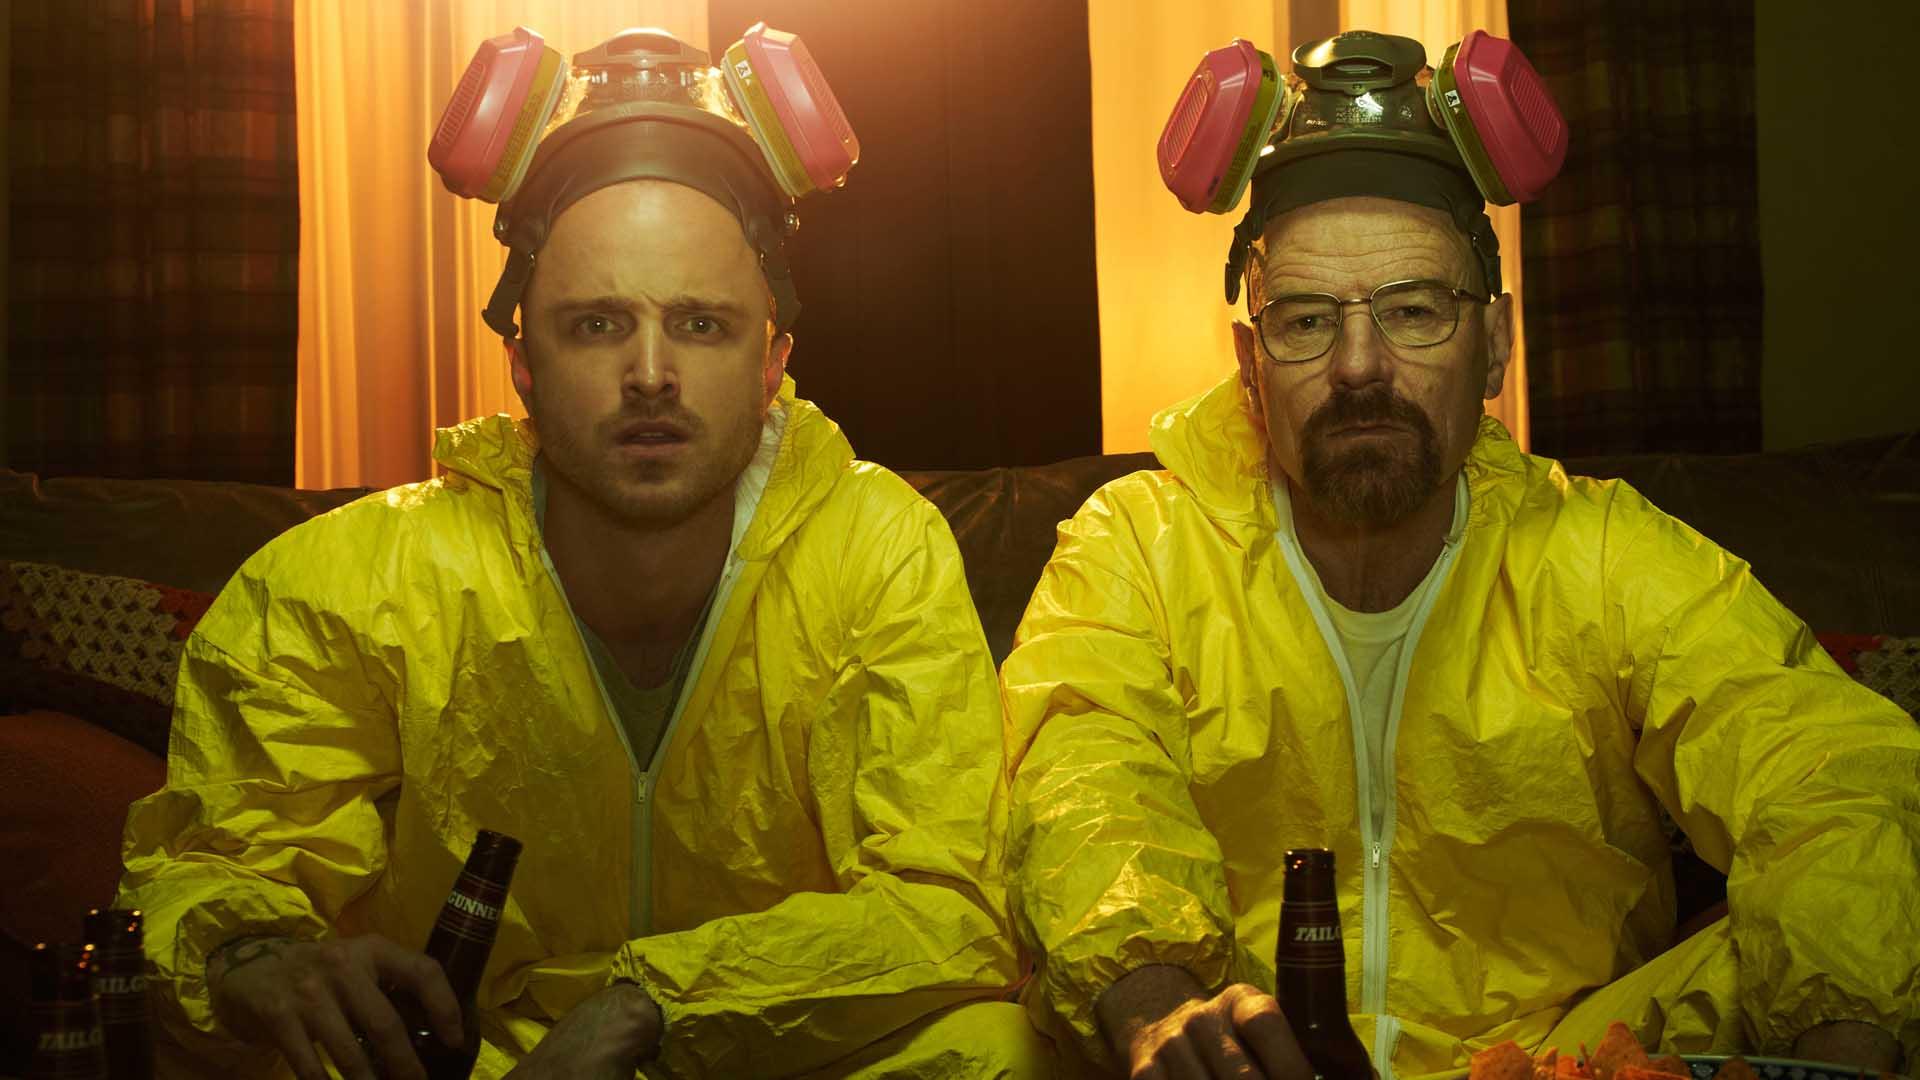 Breaking bad: la serie tv che non si sposta dalle classifiche